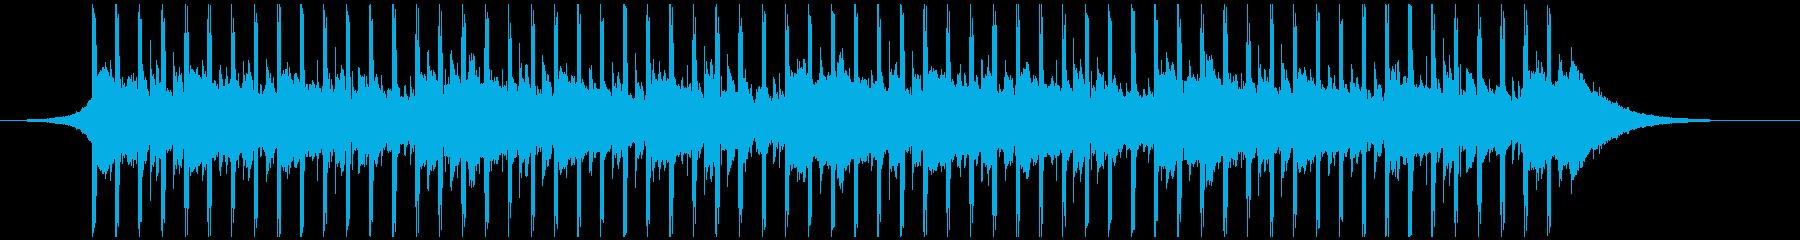 モチベーションプレゼンテーション40秒の再生済みの波形